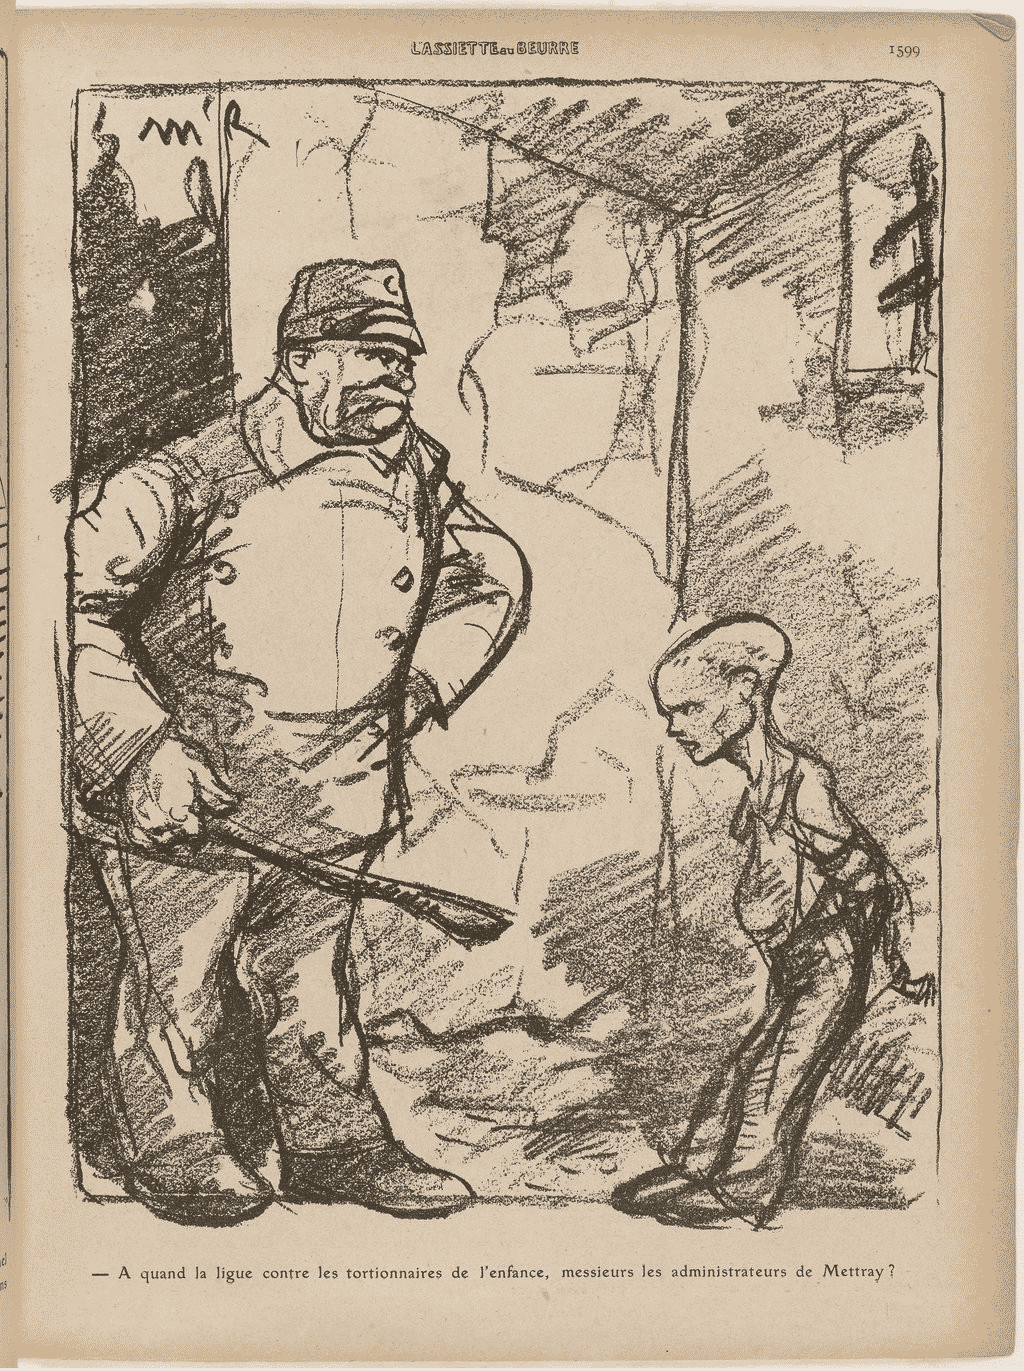 Fig. 16. Extrait de L'Assiette au beurre, n° 463, 12 février 1910, p.1599  (Bibliothèque nationale de France, département Réserve des livres rares, RES G-Z-337).